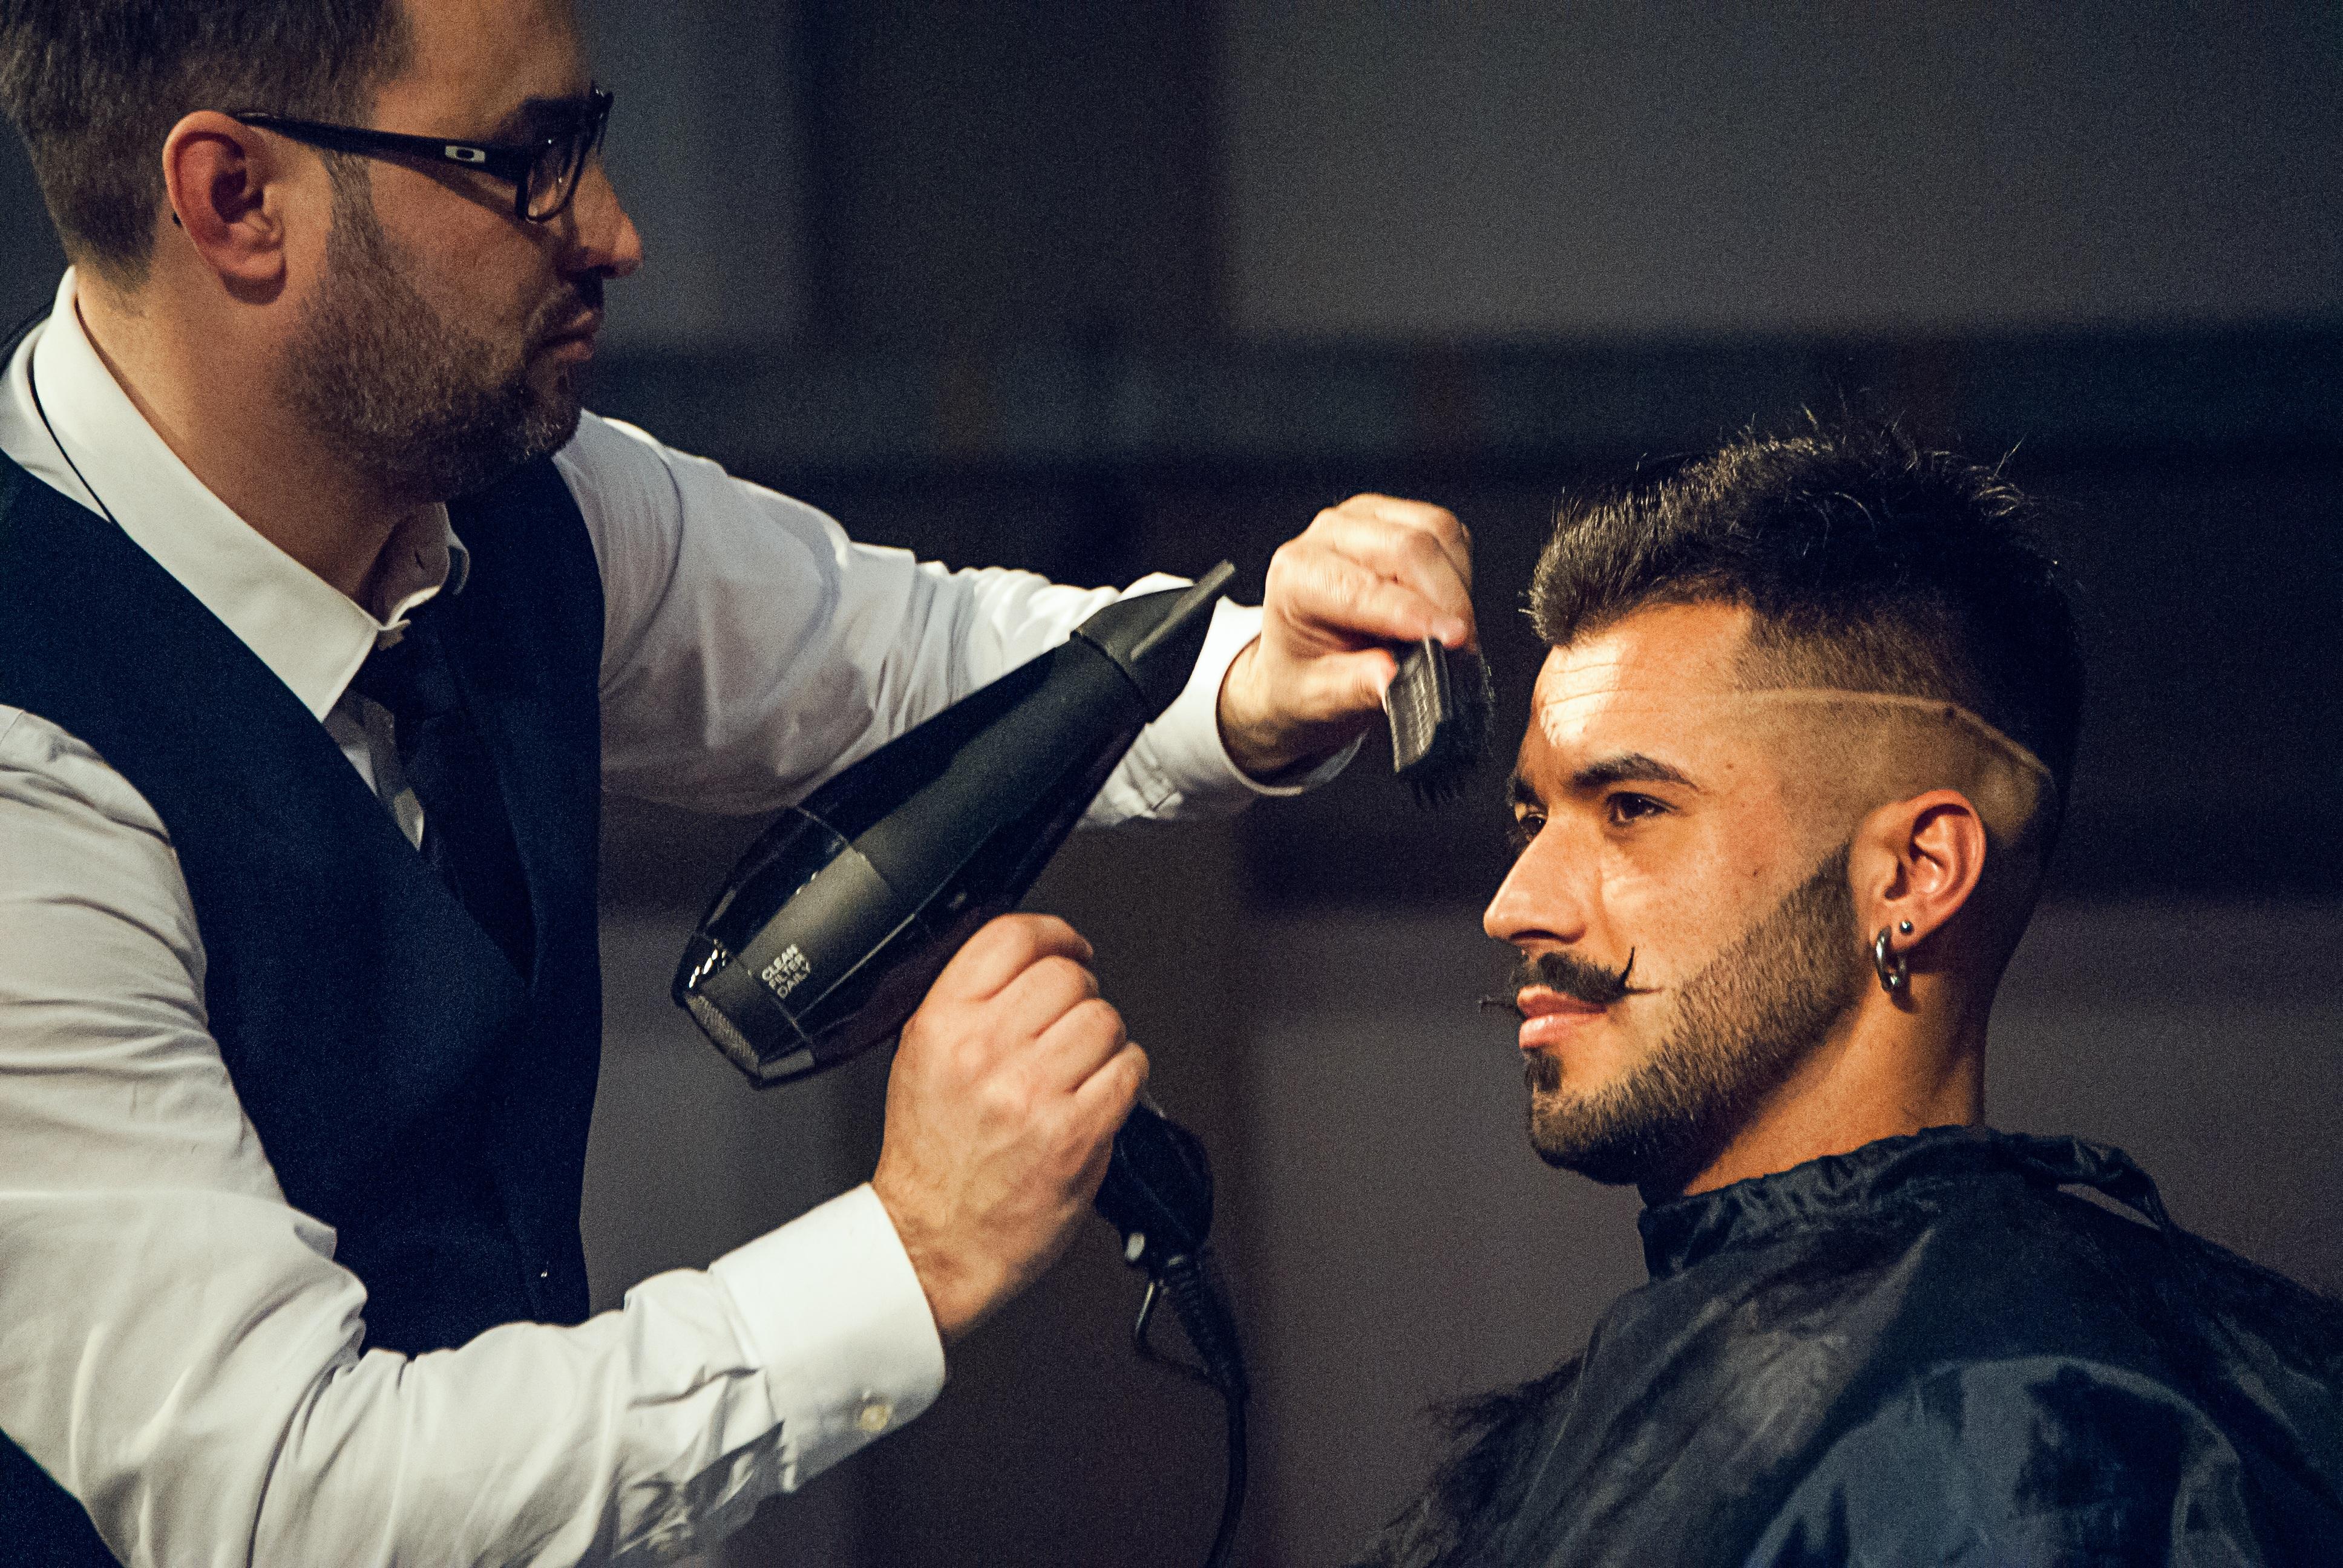 фирмы парикмахерская картинки мужчине крейсера типа